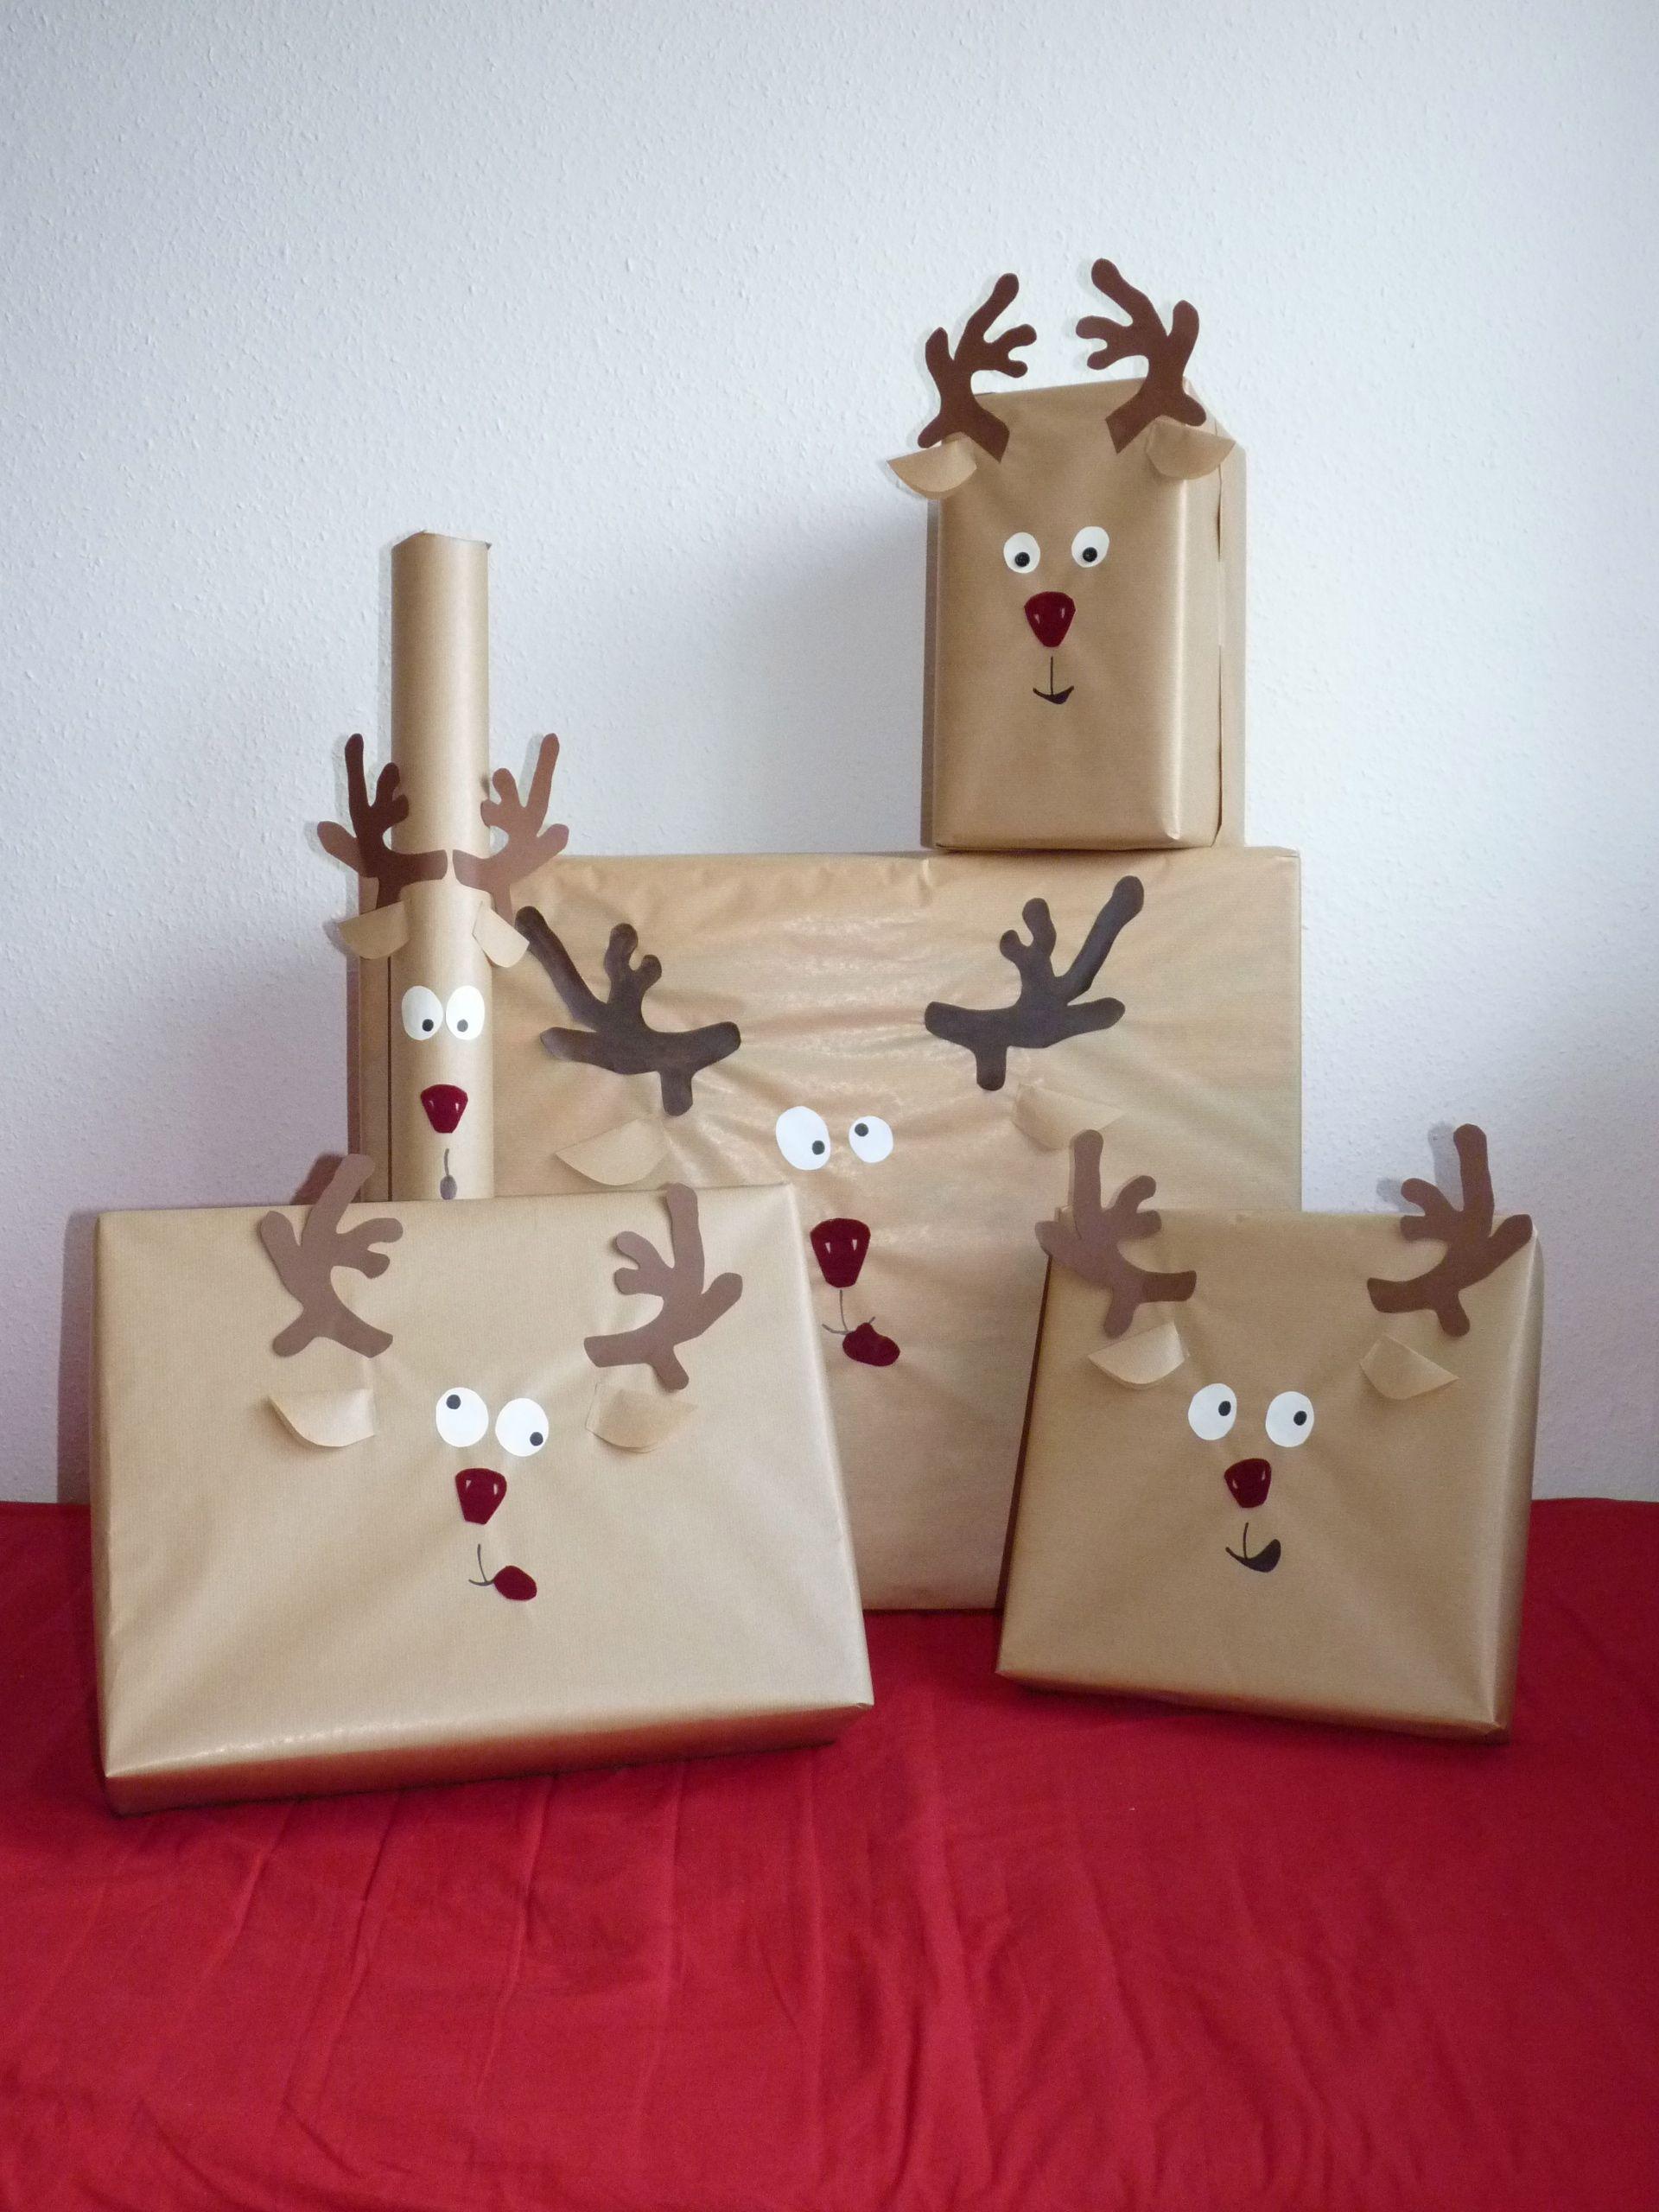 Decoration De Paquets Cadeaux paquets cadeaux de noël rigolos | decoration noel